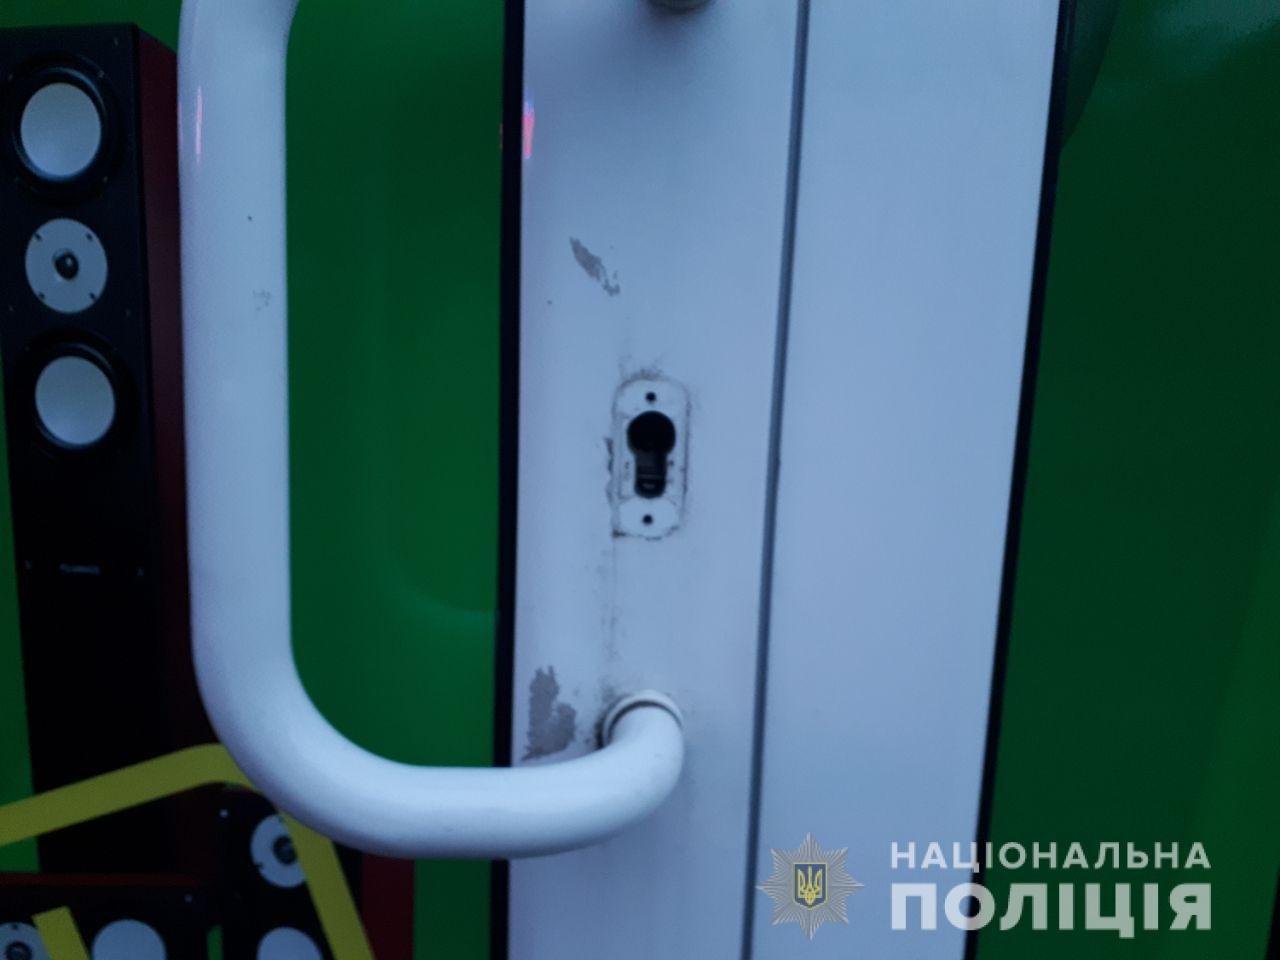 В Харькове неизвестный проник и ограбил ломбард, украв из сейфа деньги и золотые украшения, - ФОТО, фото-2